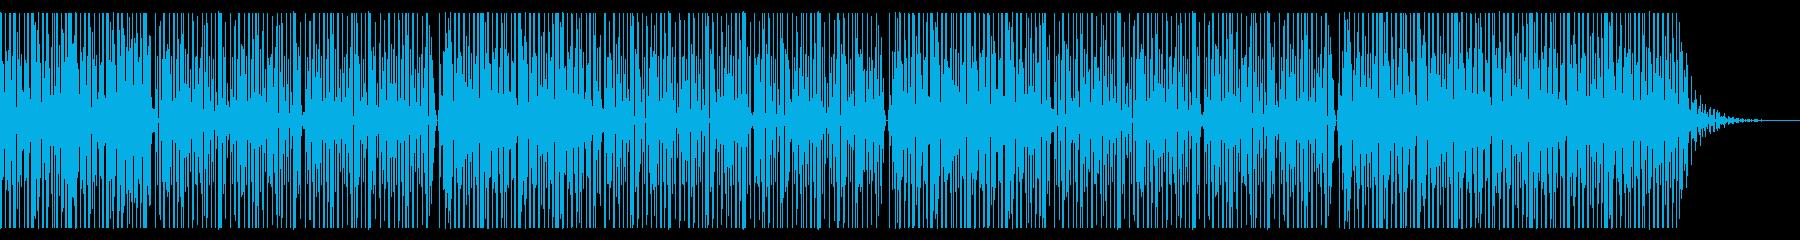 ヒップホップインスト クラッシックスの再生済みの波形